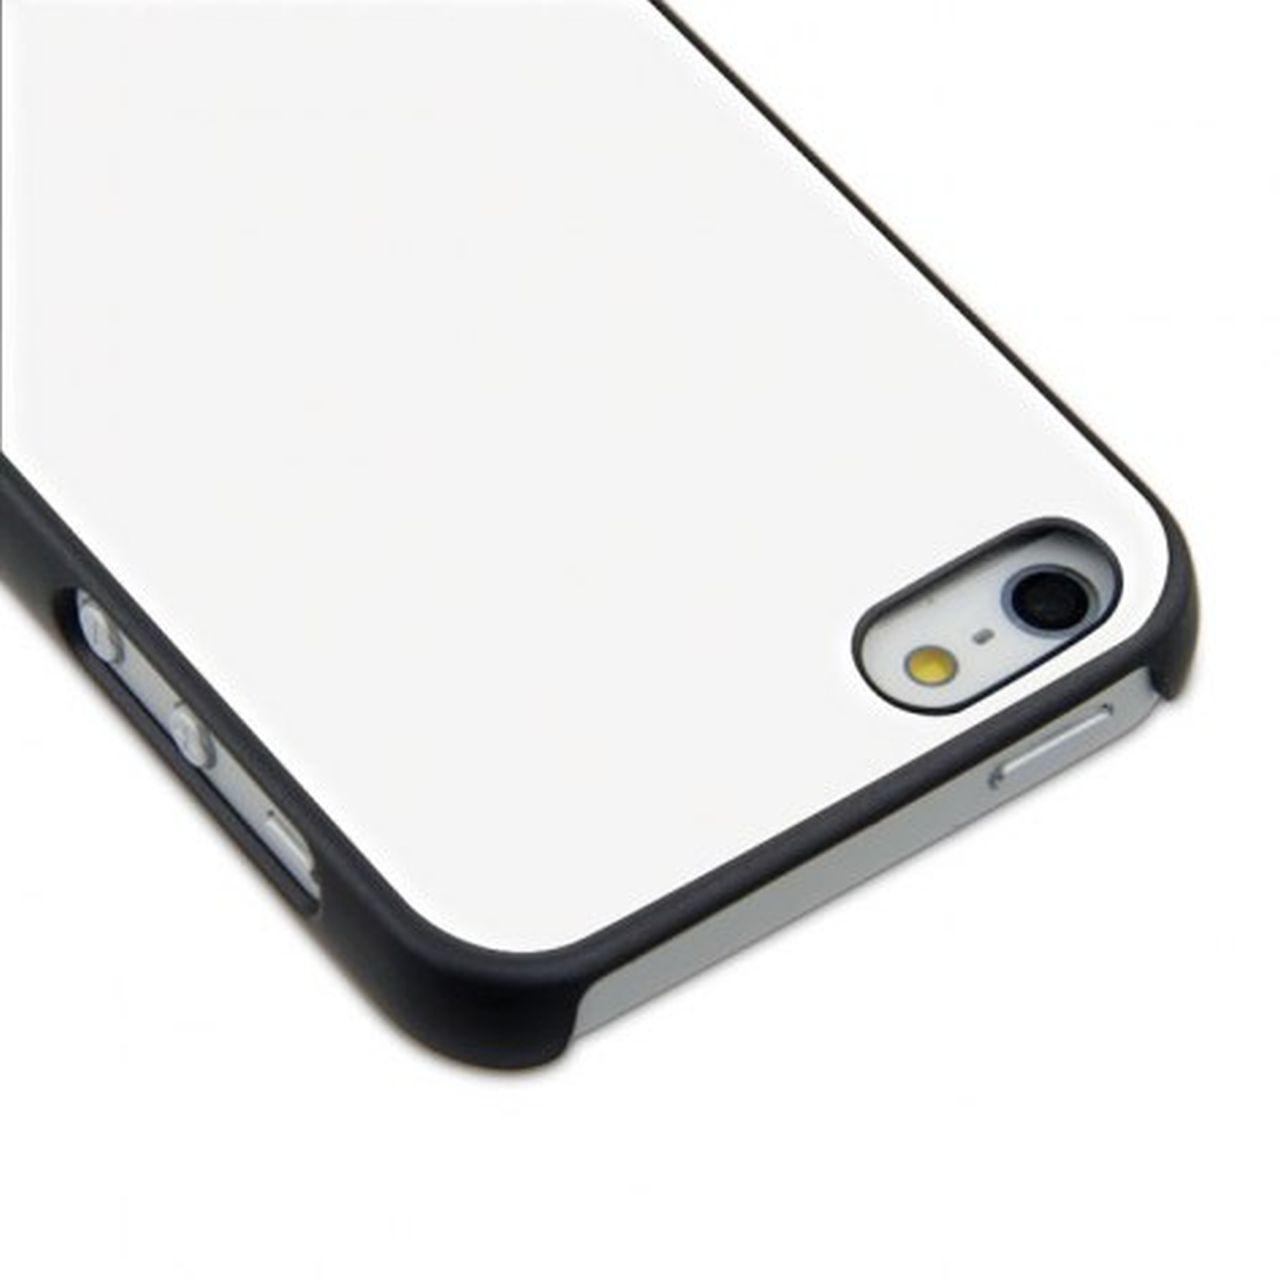 Sublicover nera iphone-4 cm.13x7x1h